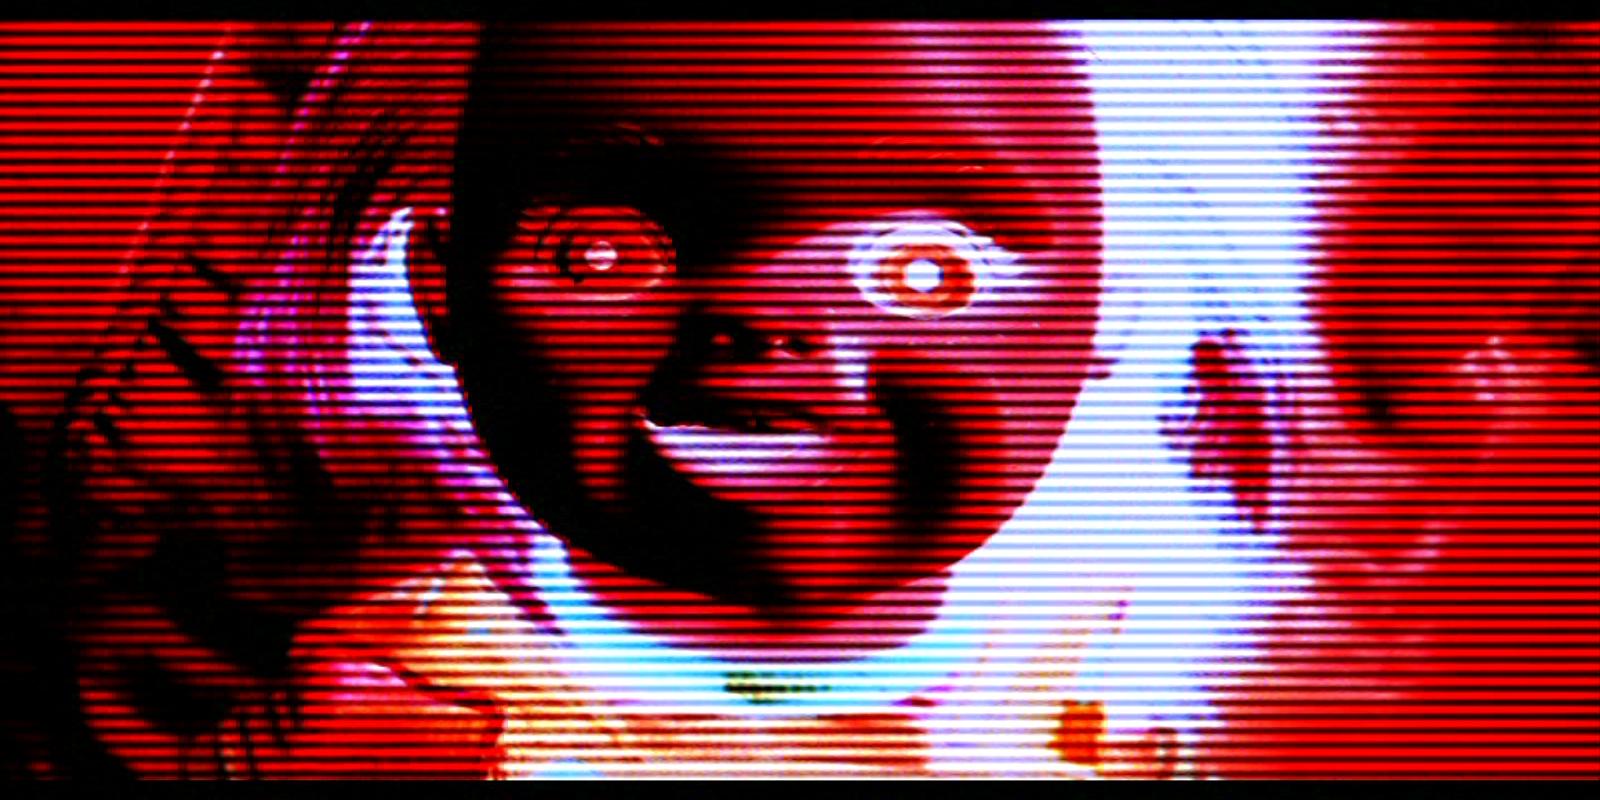 Movie Curse Of Chucky 1600x800